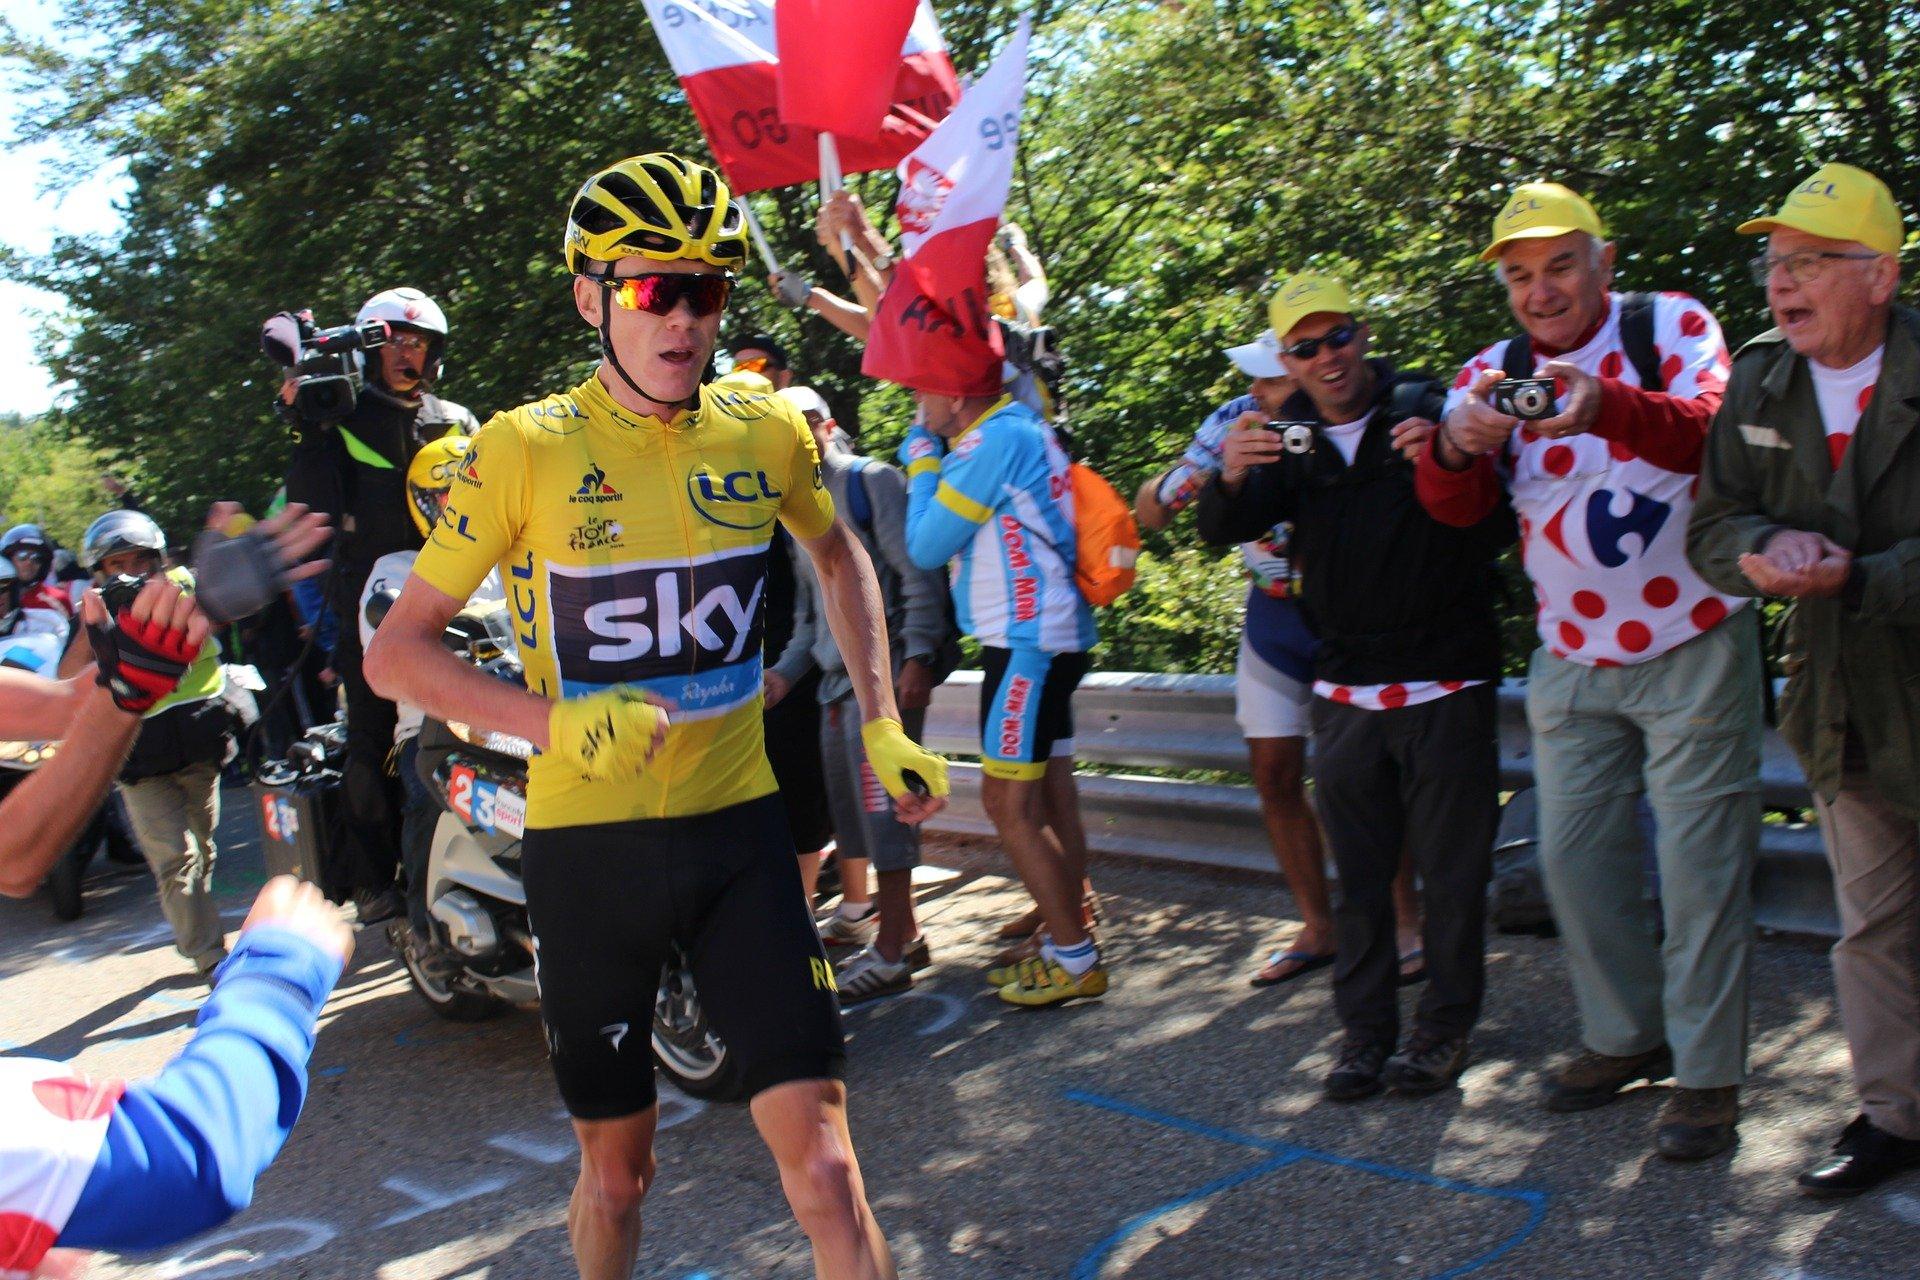 Tour de France: Das Sieger-Gen von Sky verursacht ein Luxusproblem